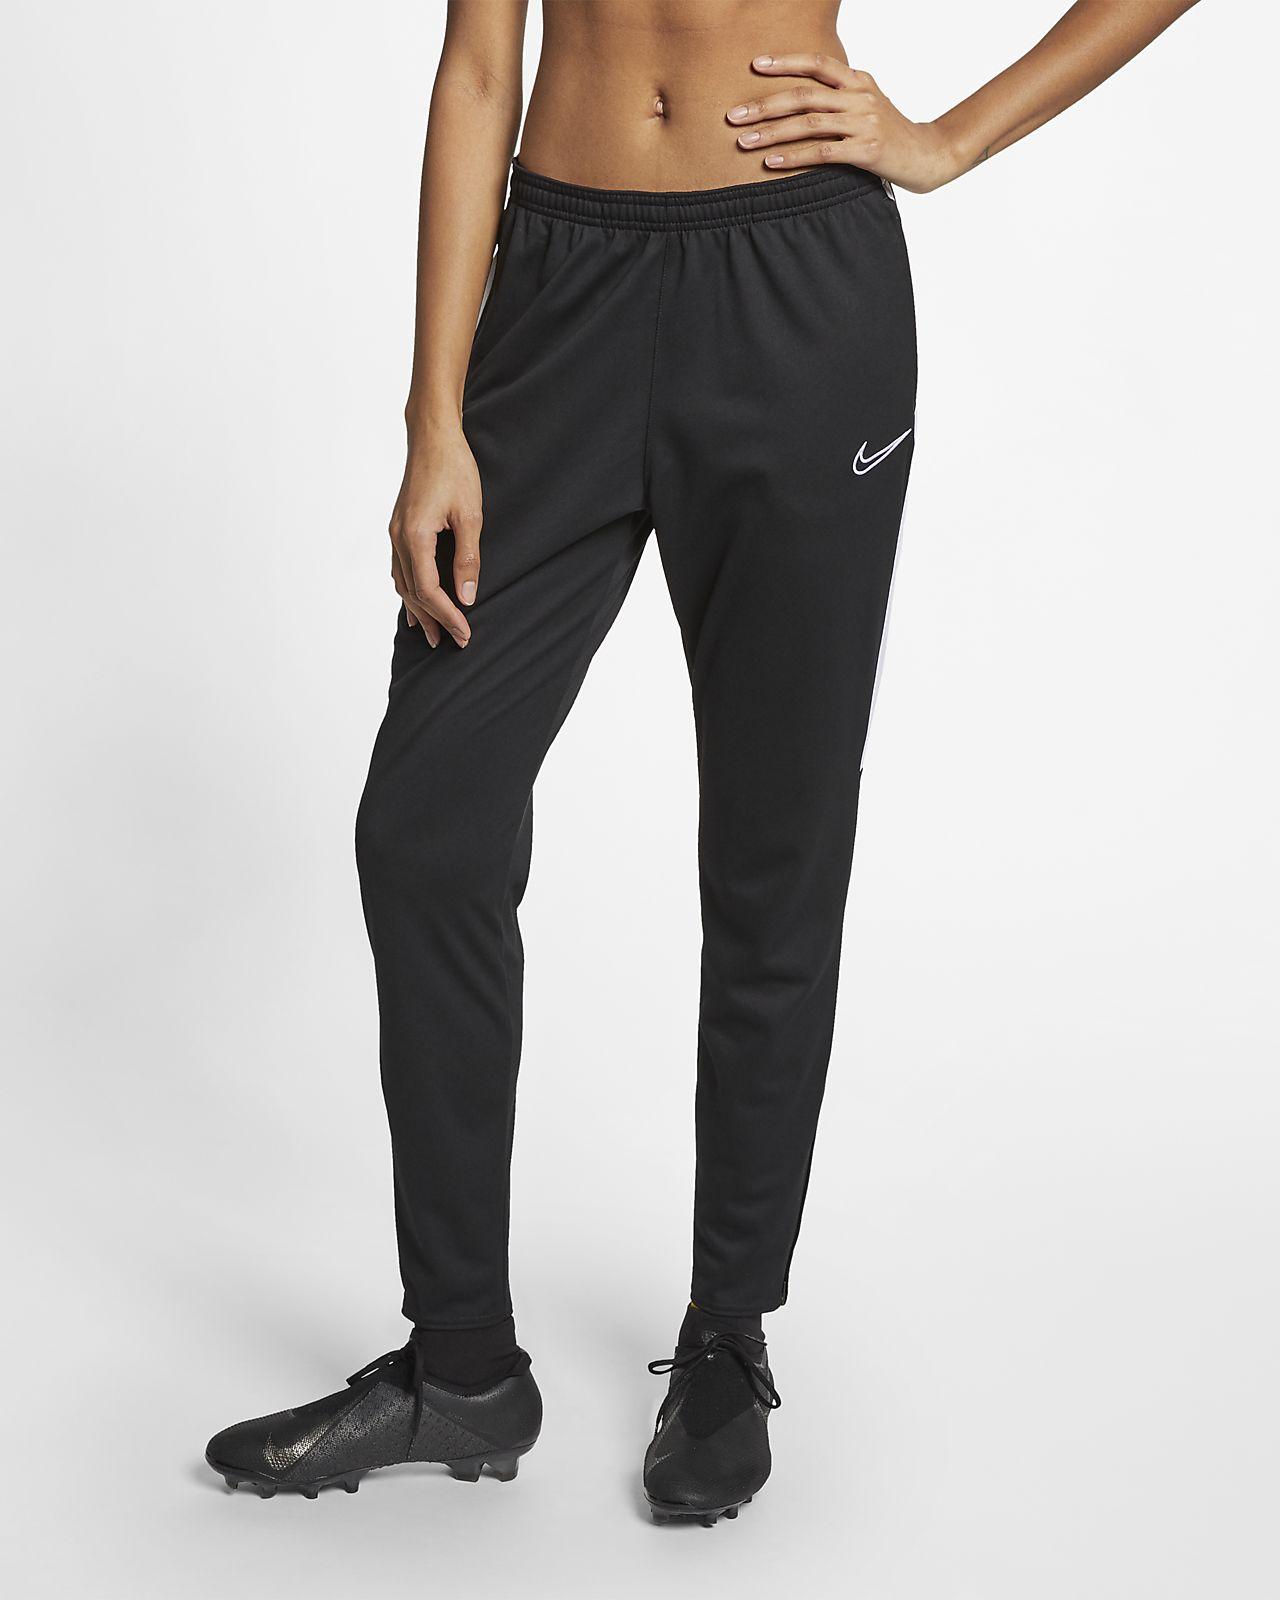 Pantalon de football Nike Dri-FIT Academy pour Femme